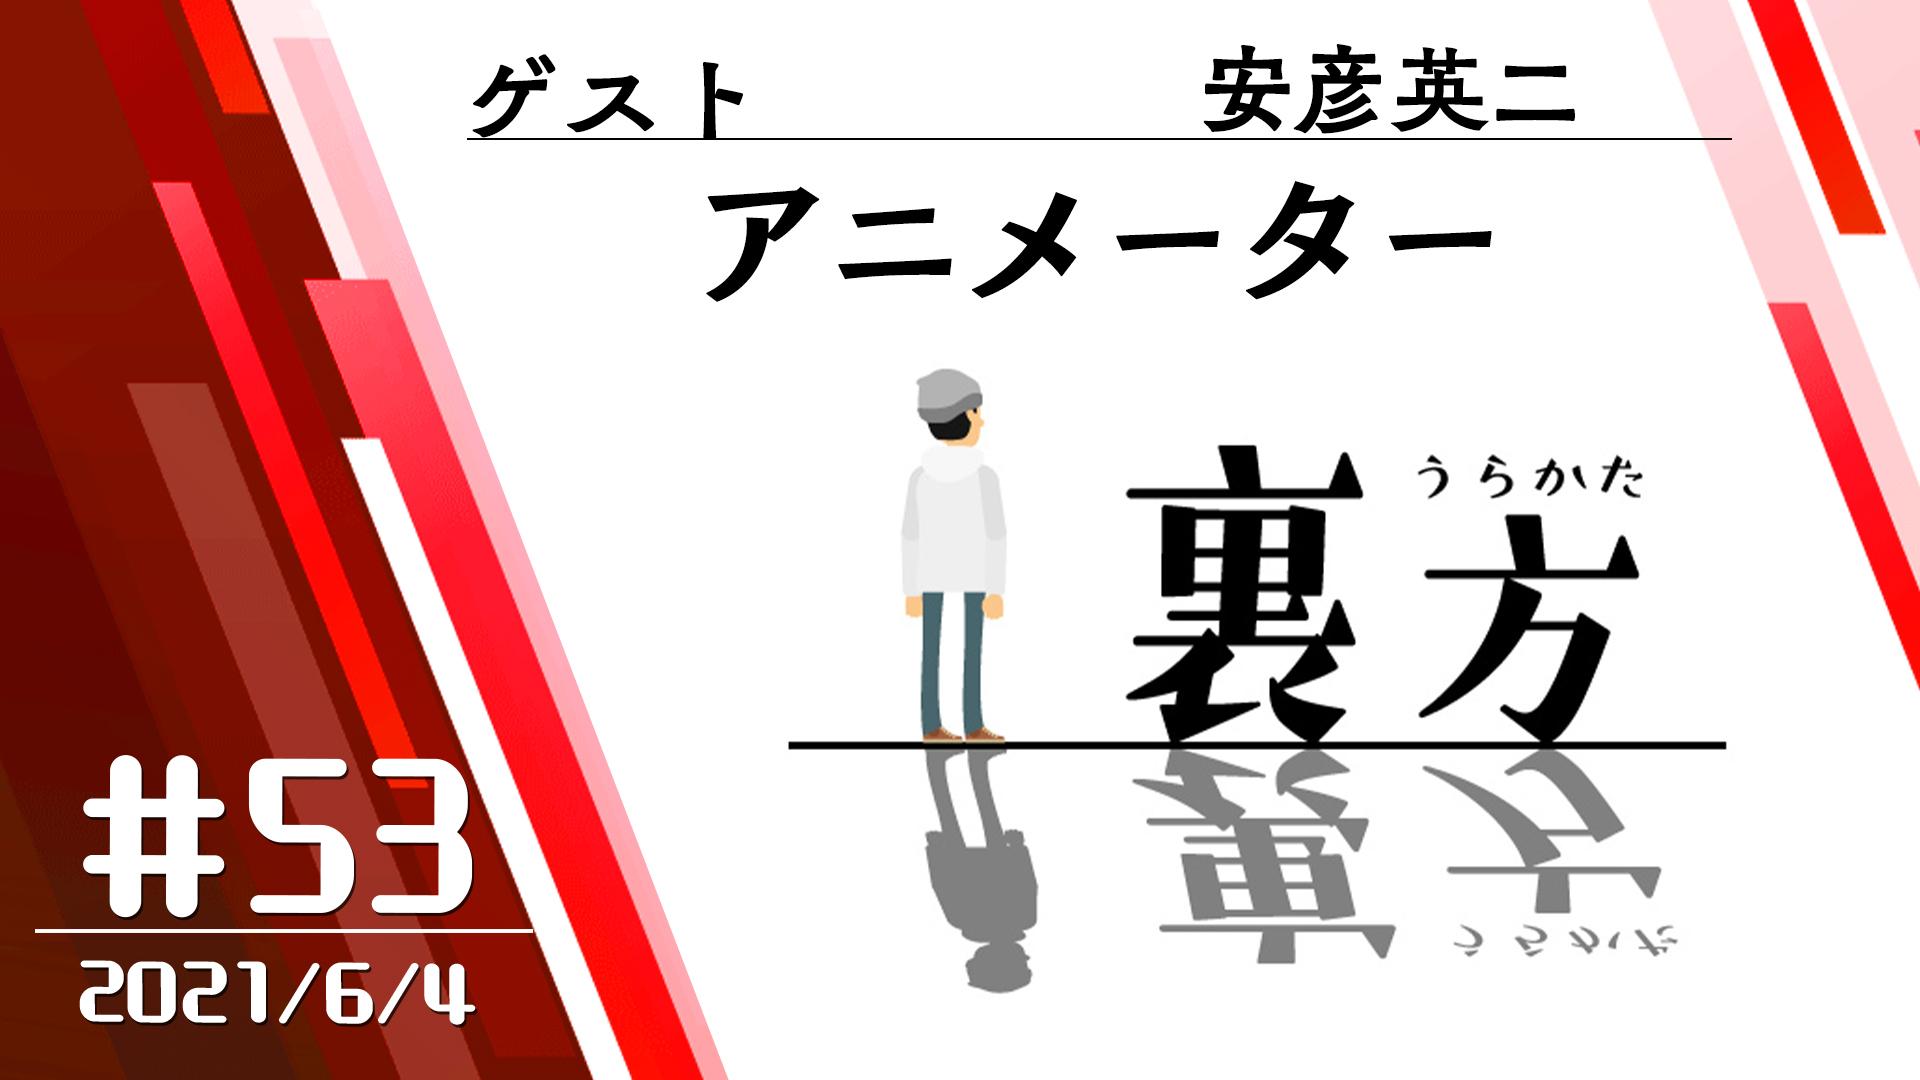 【ゲスト:アニメーター 安彦英二さん】文化放送超!A&G+ 「裏方」#53 (2021年6月4日放送分)